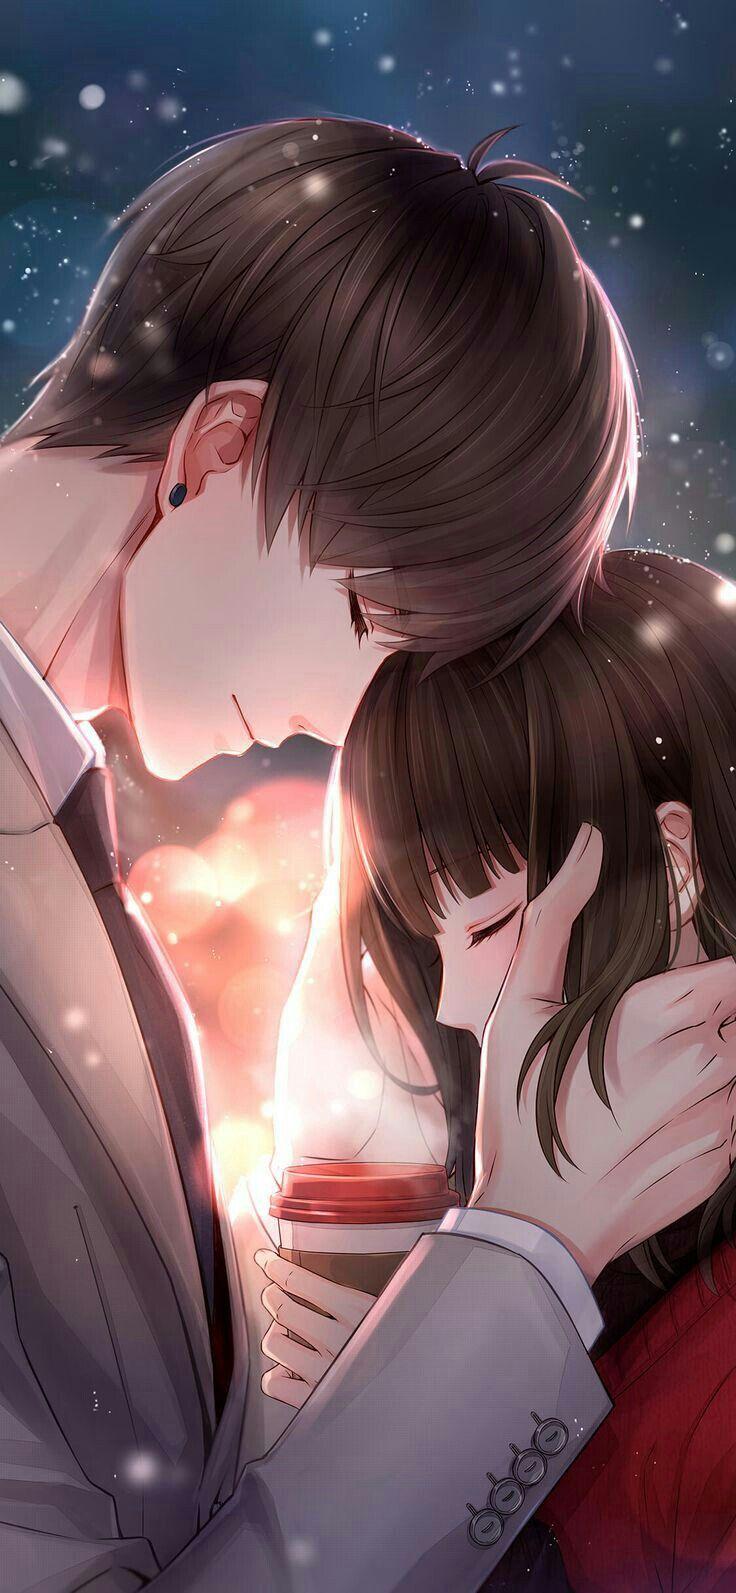 Everything S Going To Be Alright Cosplay Anime Pasangan Anime Lucu Pasangan Animasi